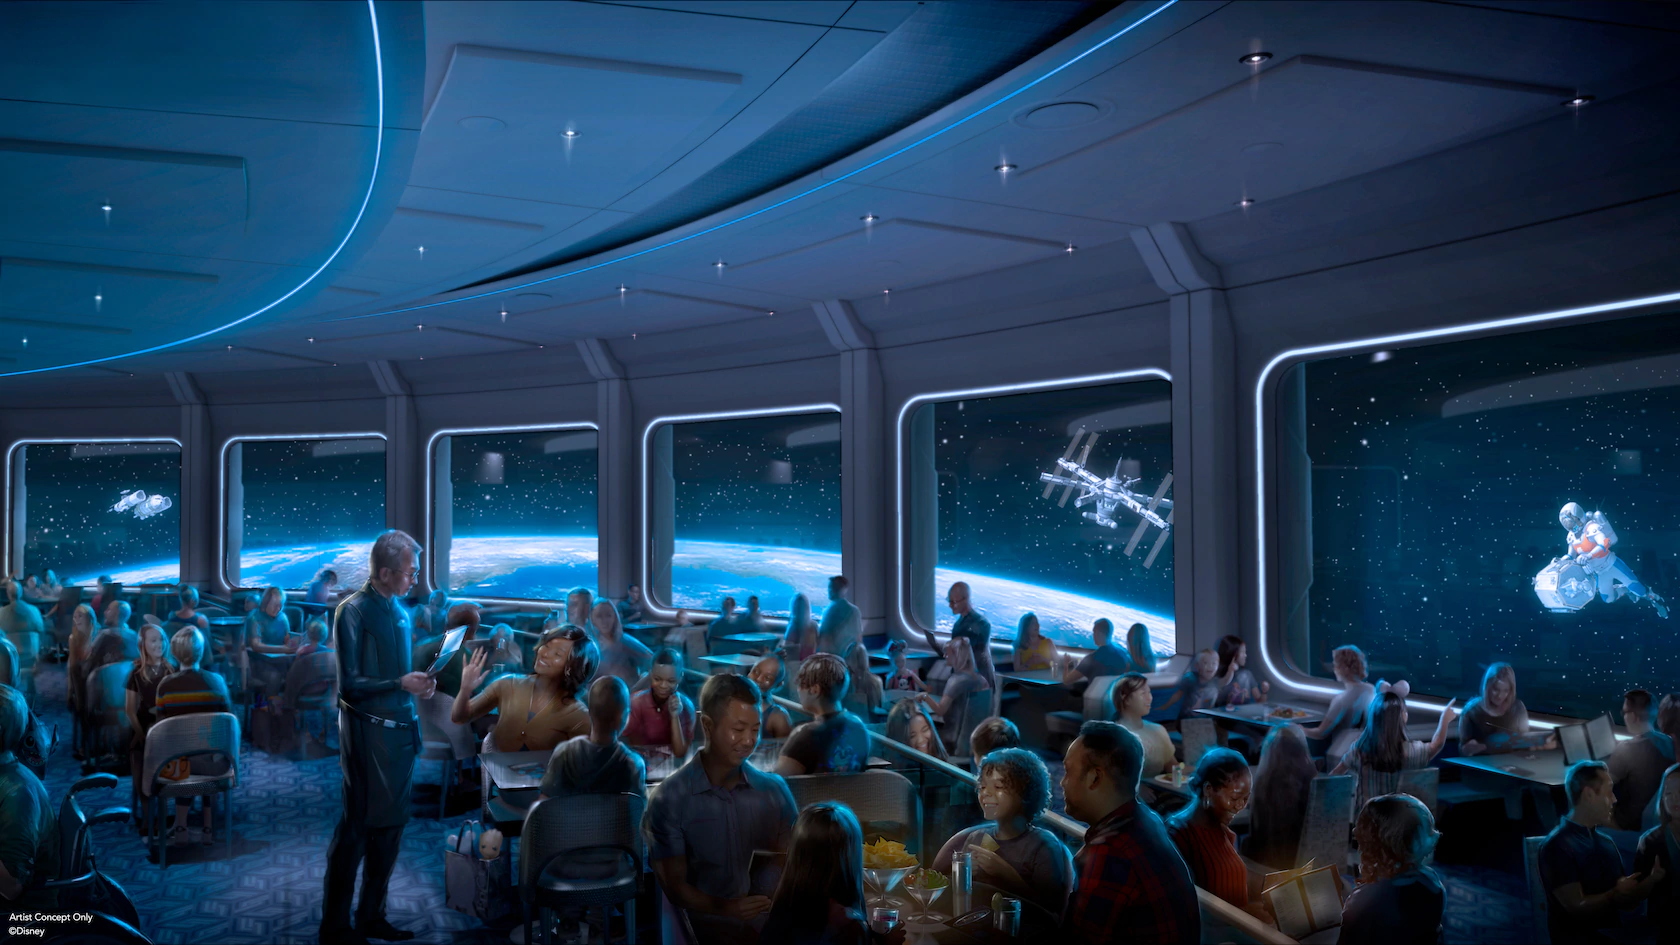 epcot-space-220-restaurant-render